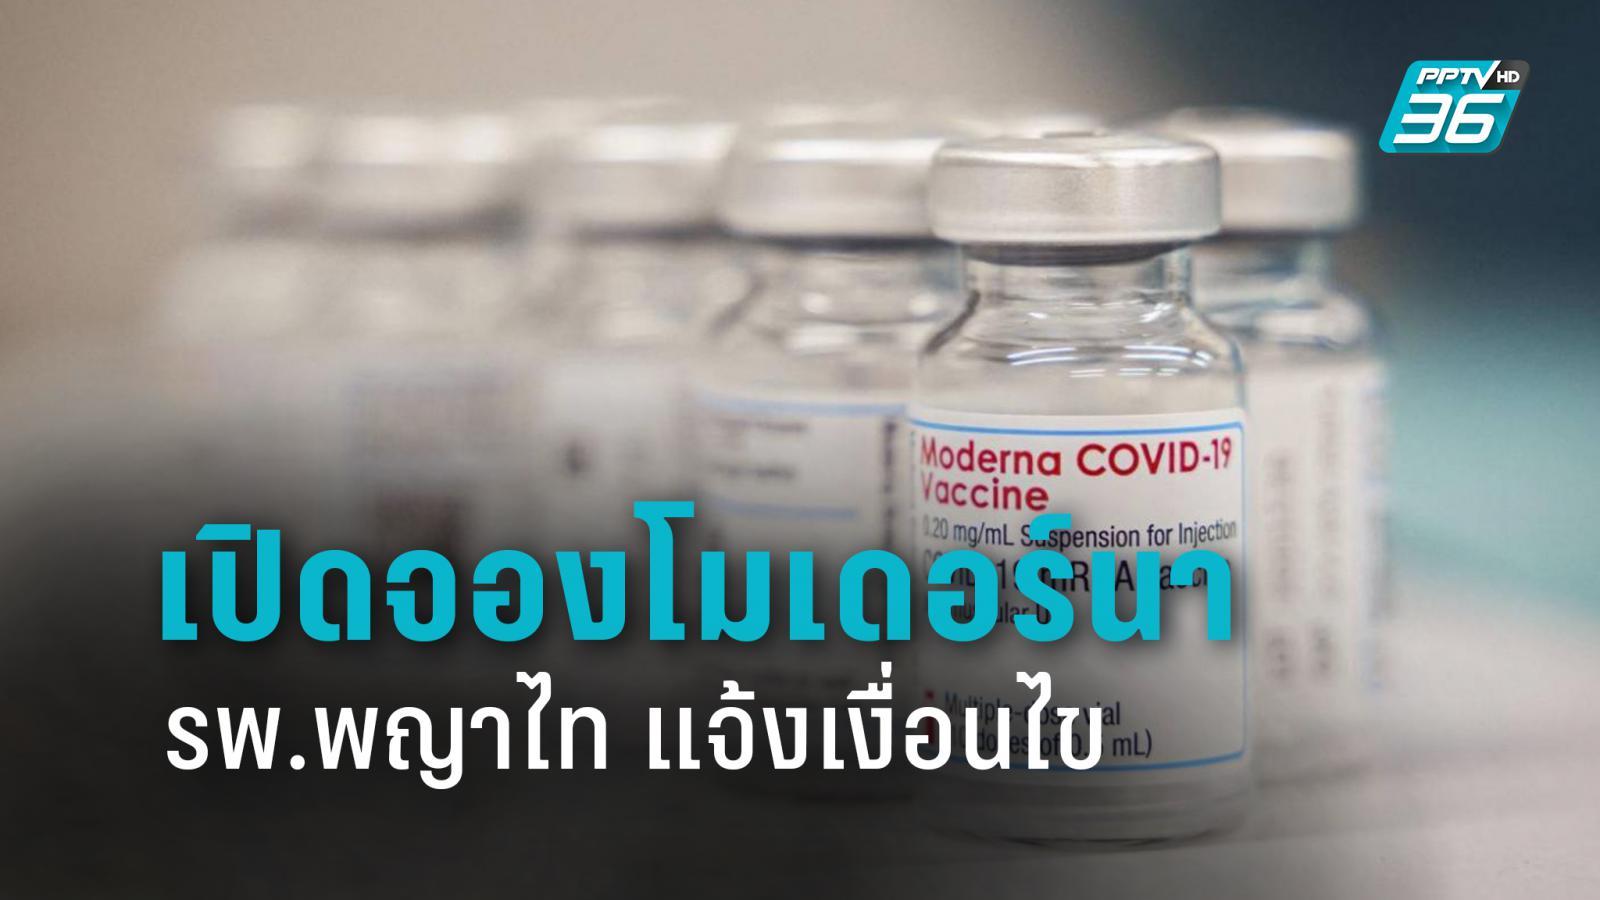 รพ.พญาไท เปิดจองวัคซีนโมเดอร์นา ประกันจ่ายสูงสุด  1ล้าน แจ้งเงื่อนไขละเอียด